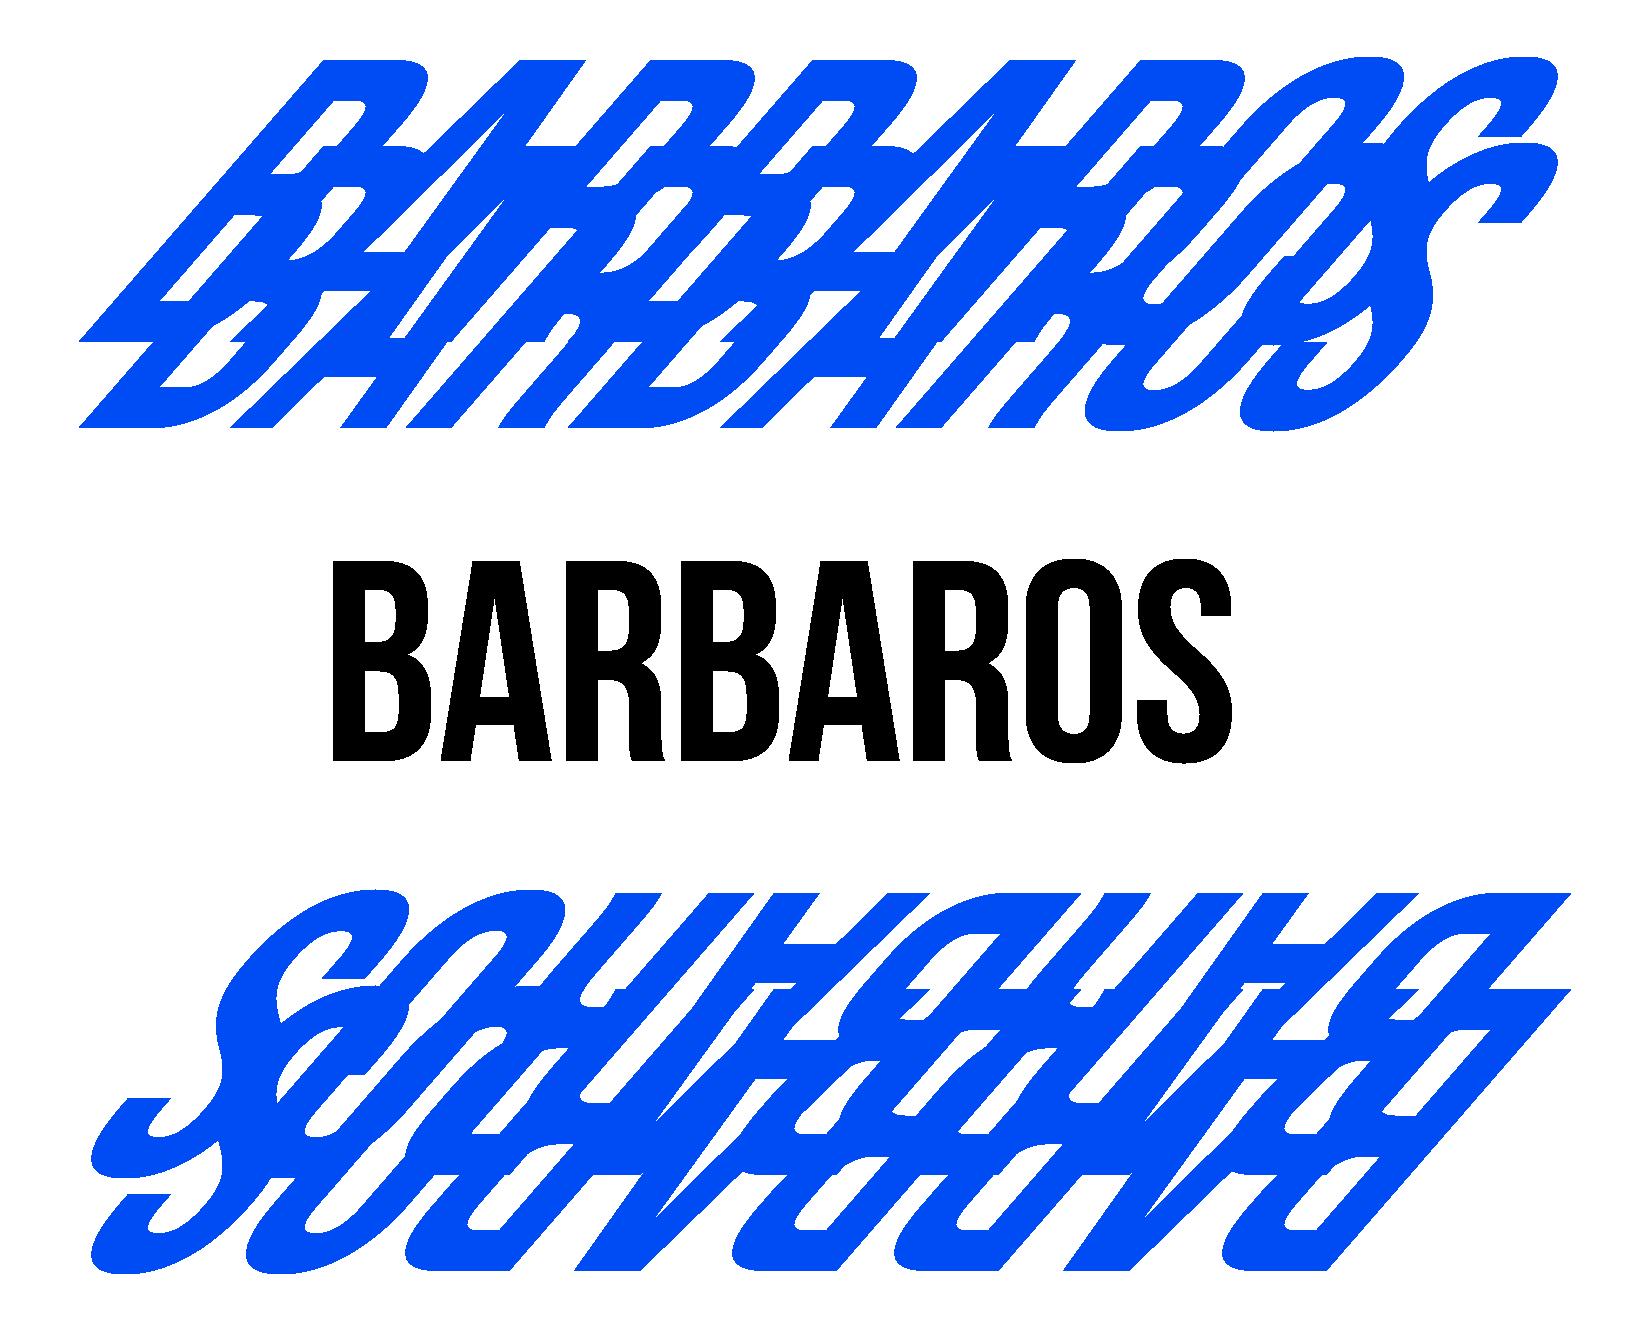 Barbaros's Signature